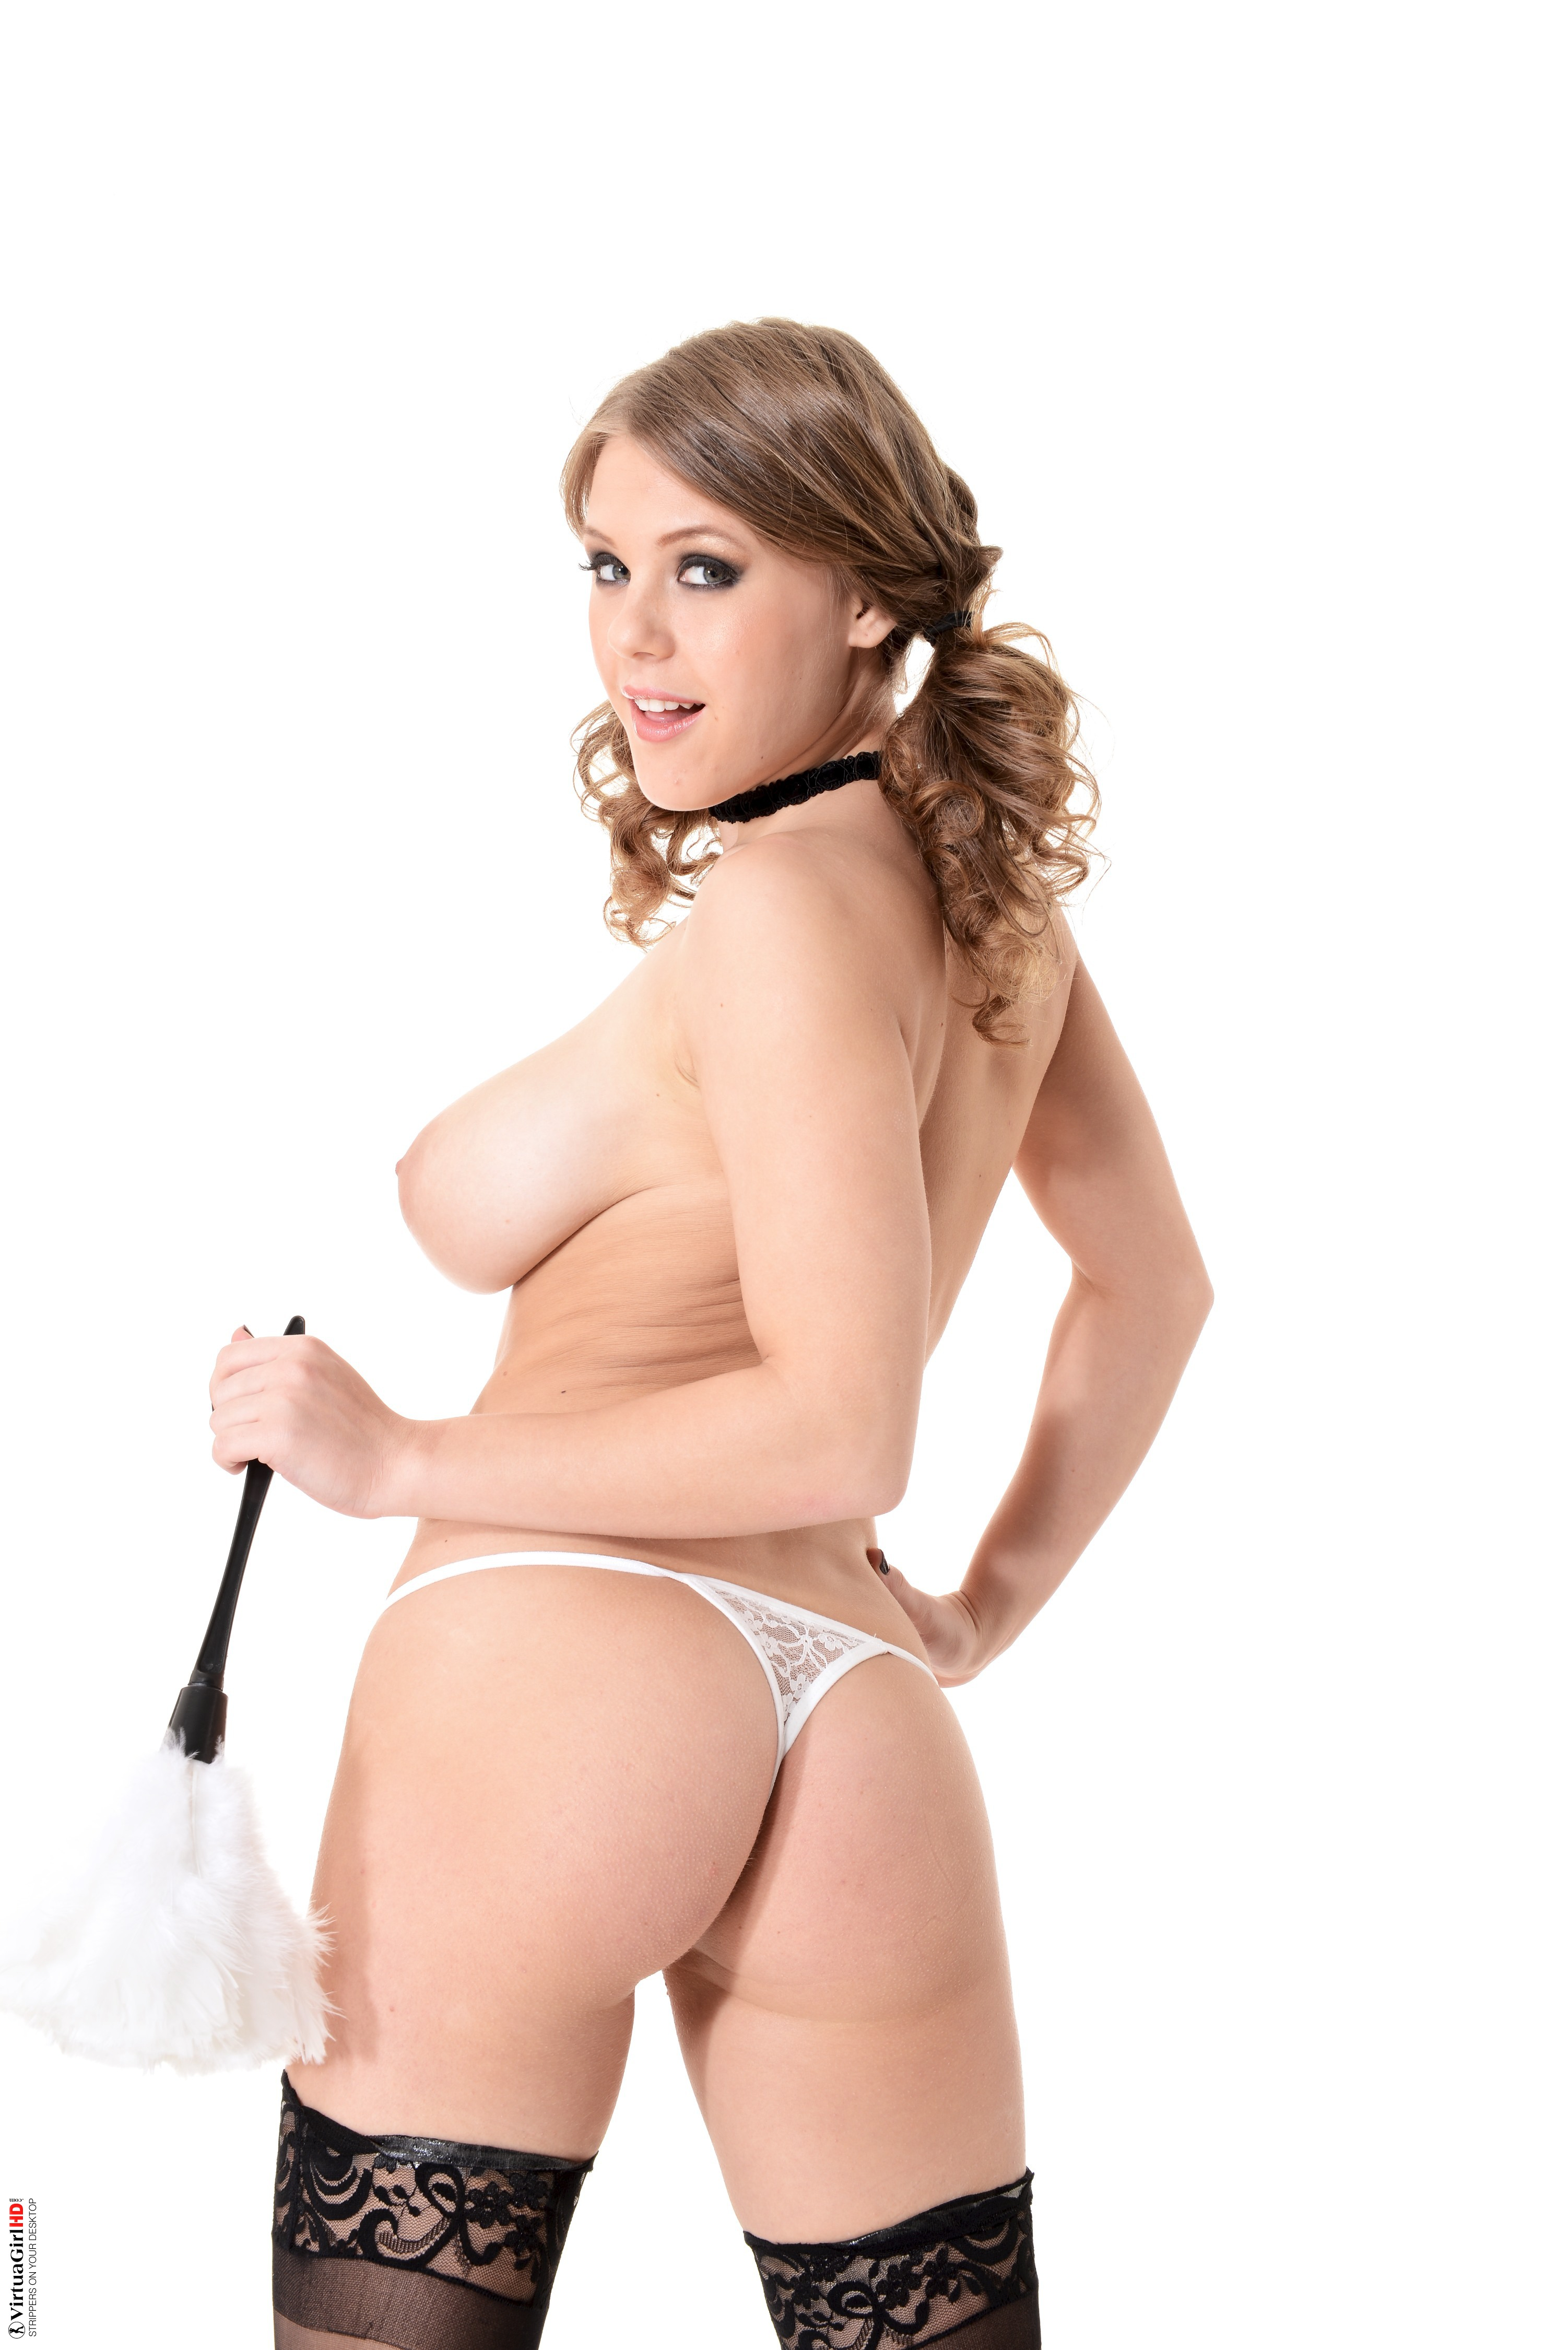 Adira Actriz Porno virtuagirl viola maid in heaven 147611 - good sex porn